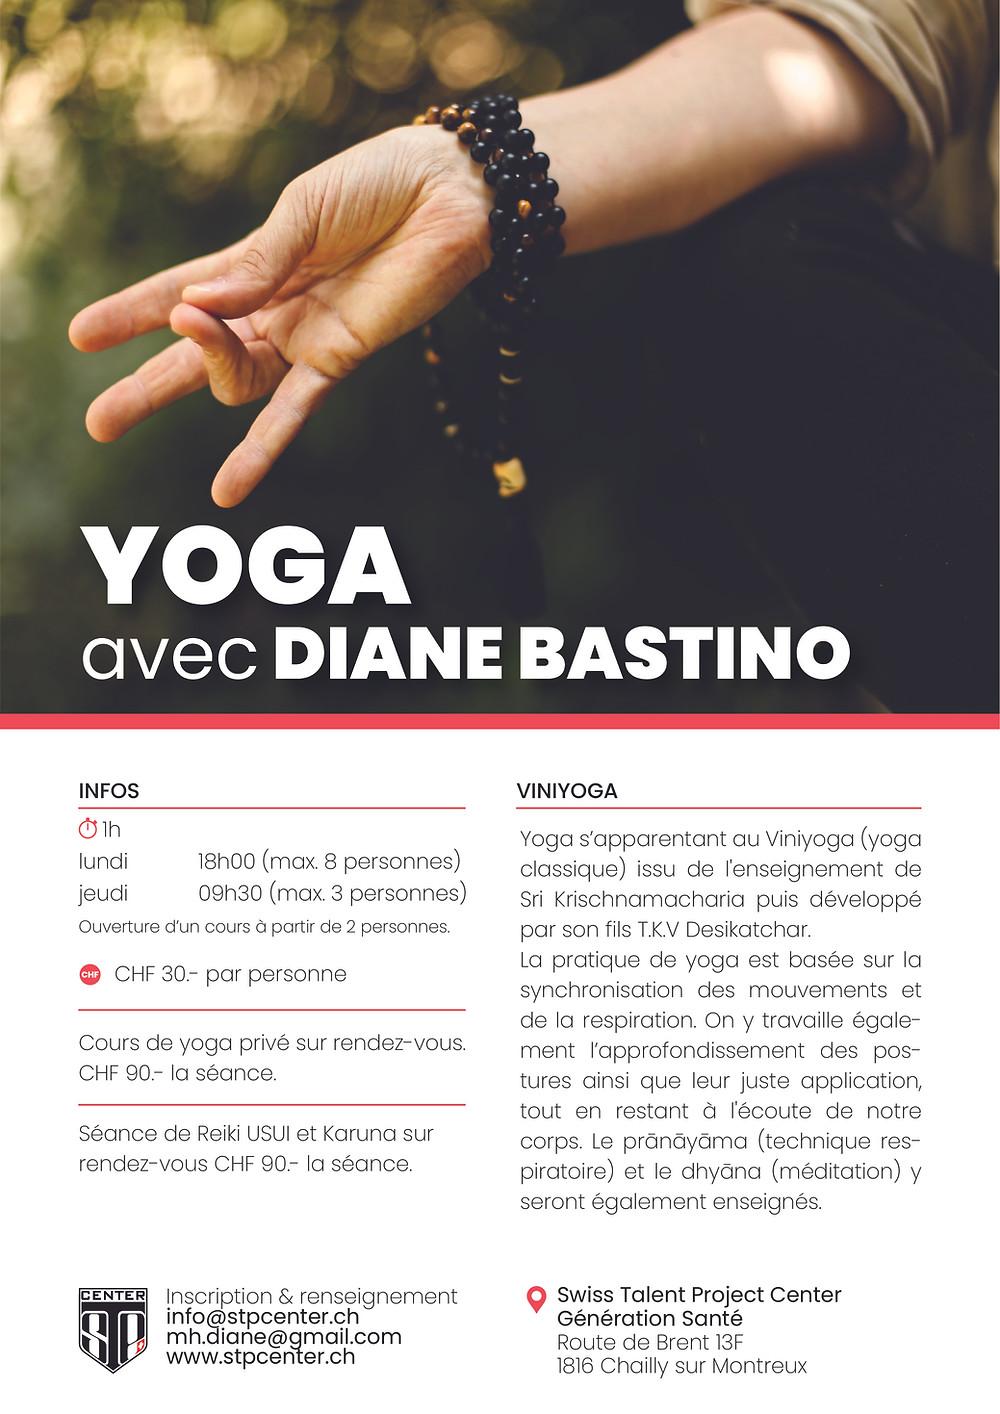 Nos cours de Yoga reprennent dès le 12 octobre au STP Center de Chailly-Montreux